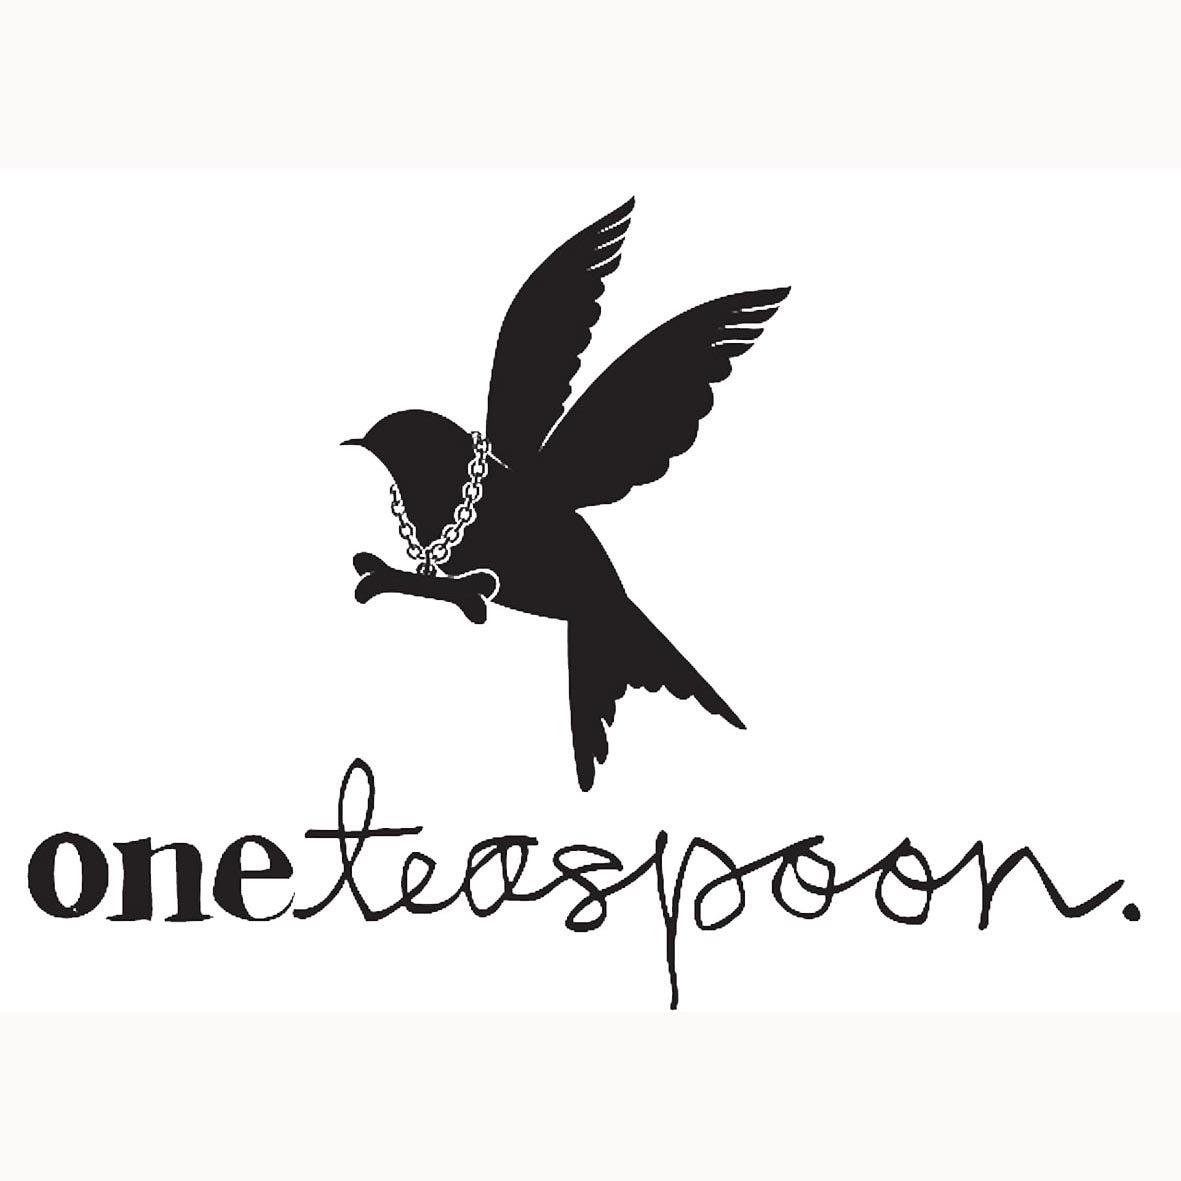 One Teaspoon